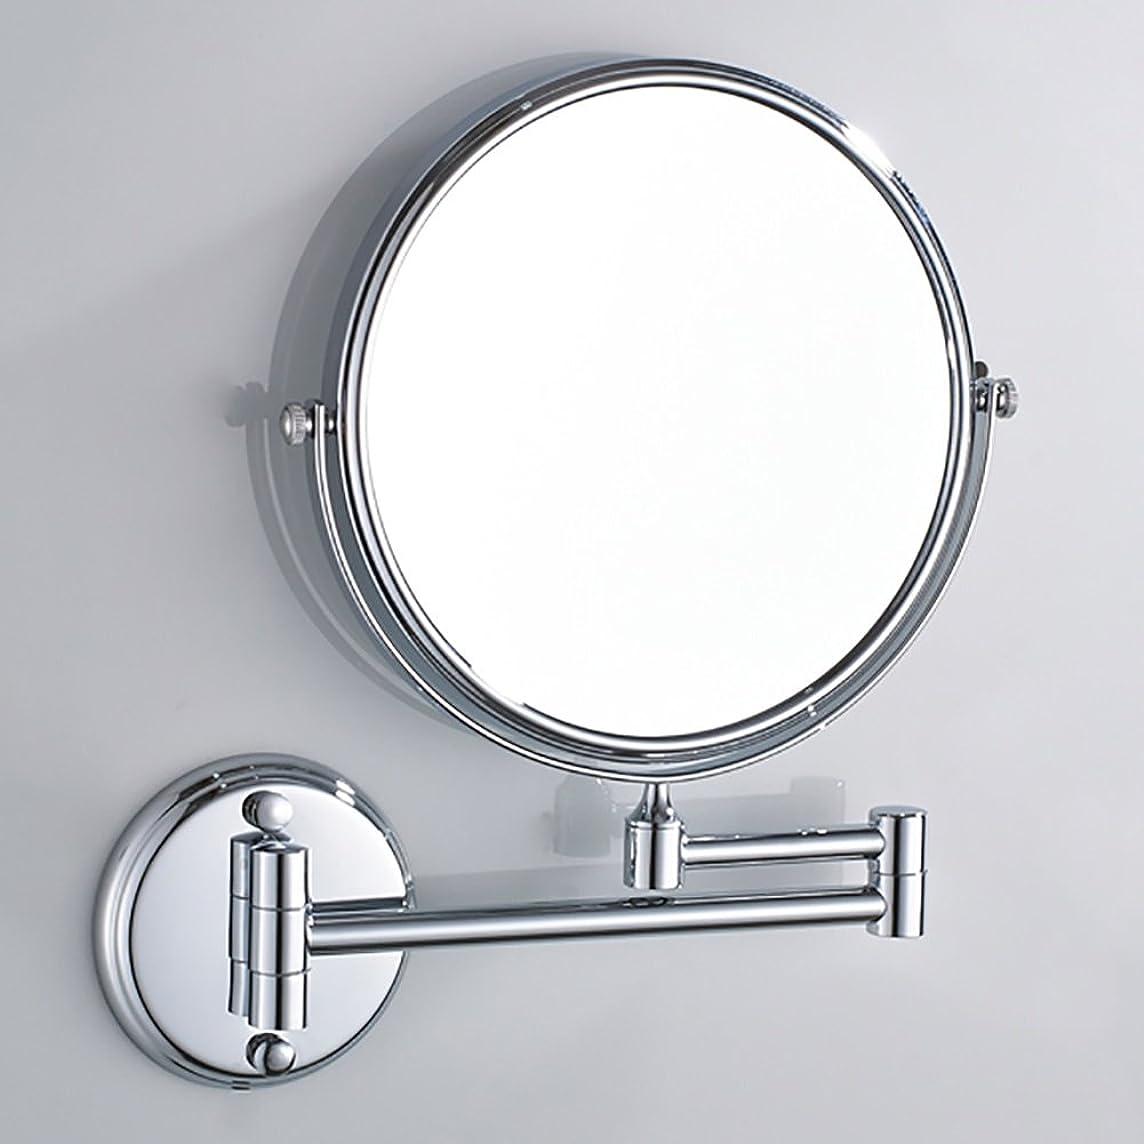 デッドロックセレナ治安判事Yxsd バスルームミラー 8インチ壁掛けシェービングミラー、3倍拡大バスルームメイクアップミラー、折り畳み式ダブルサイドコスメティック (Color : Silver)